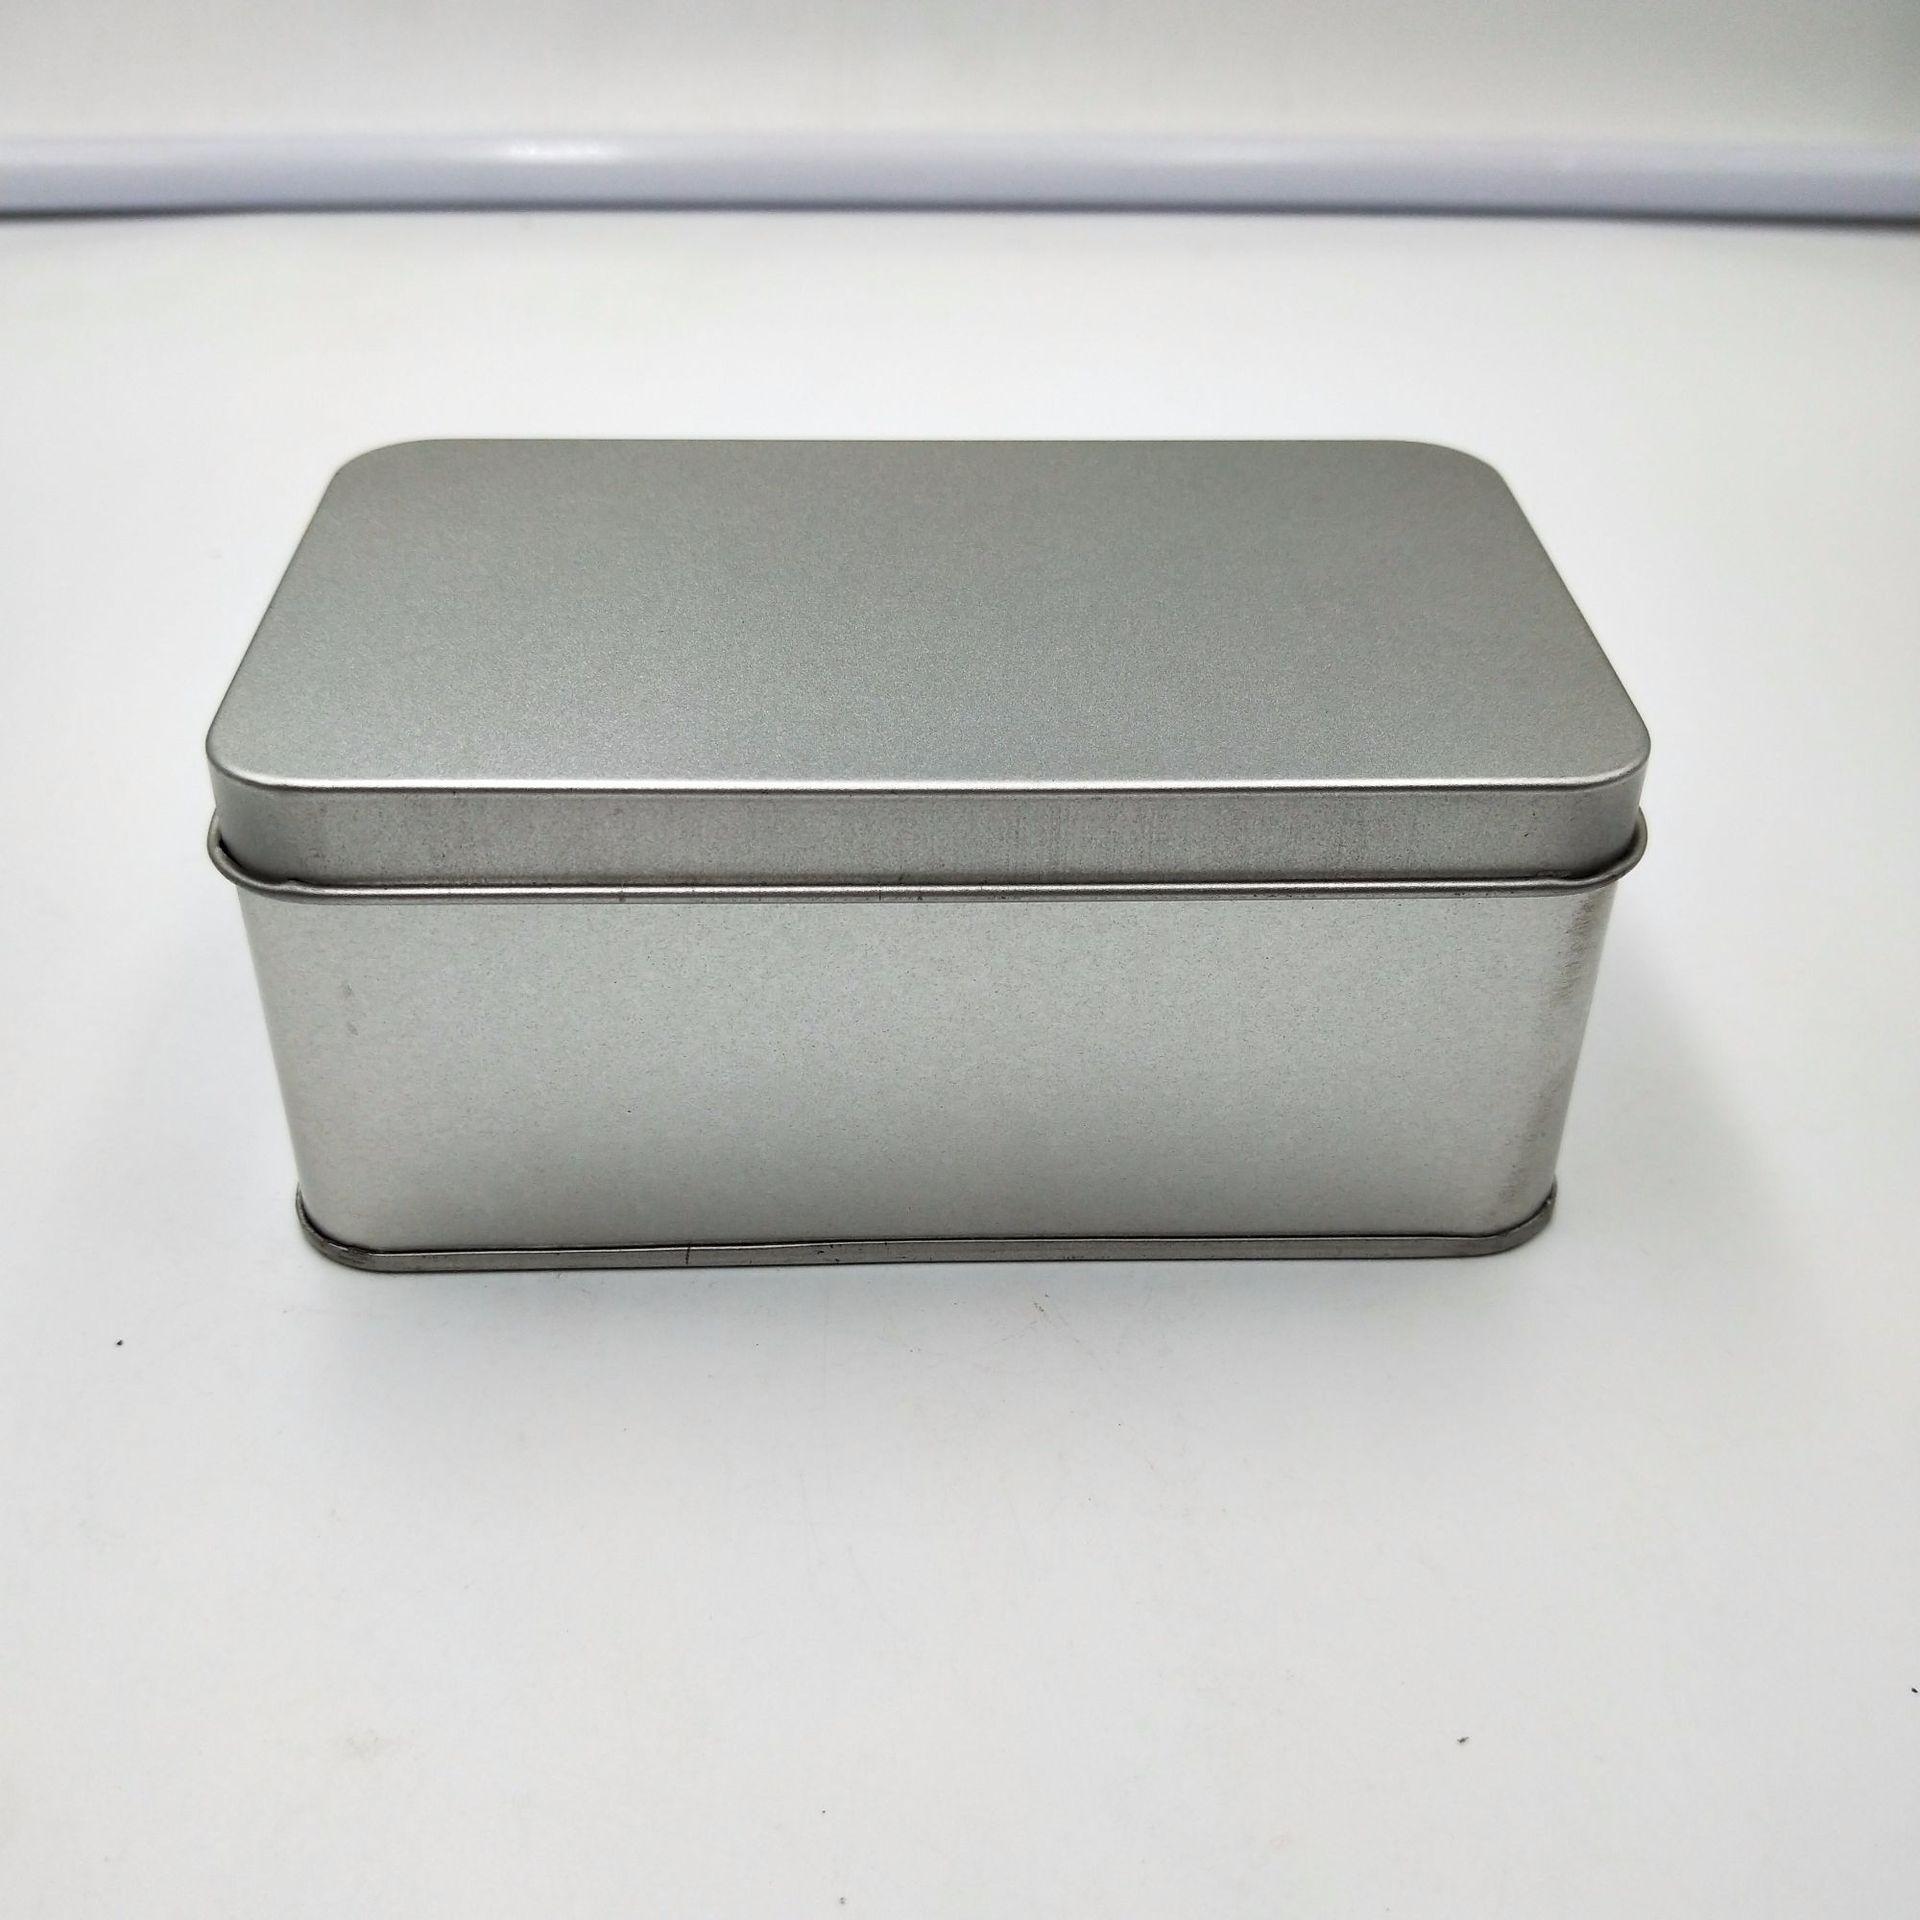 廠家直銷小鐵盒批發 小號正方形 磨砂馬口鐵喜糖盒 茶葉收納盒